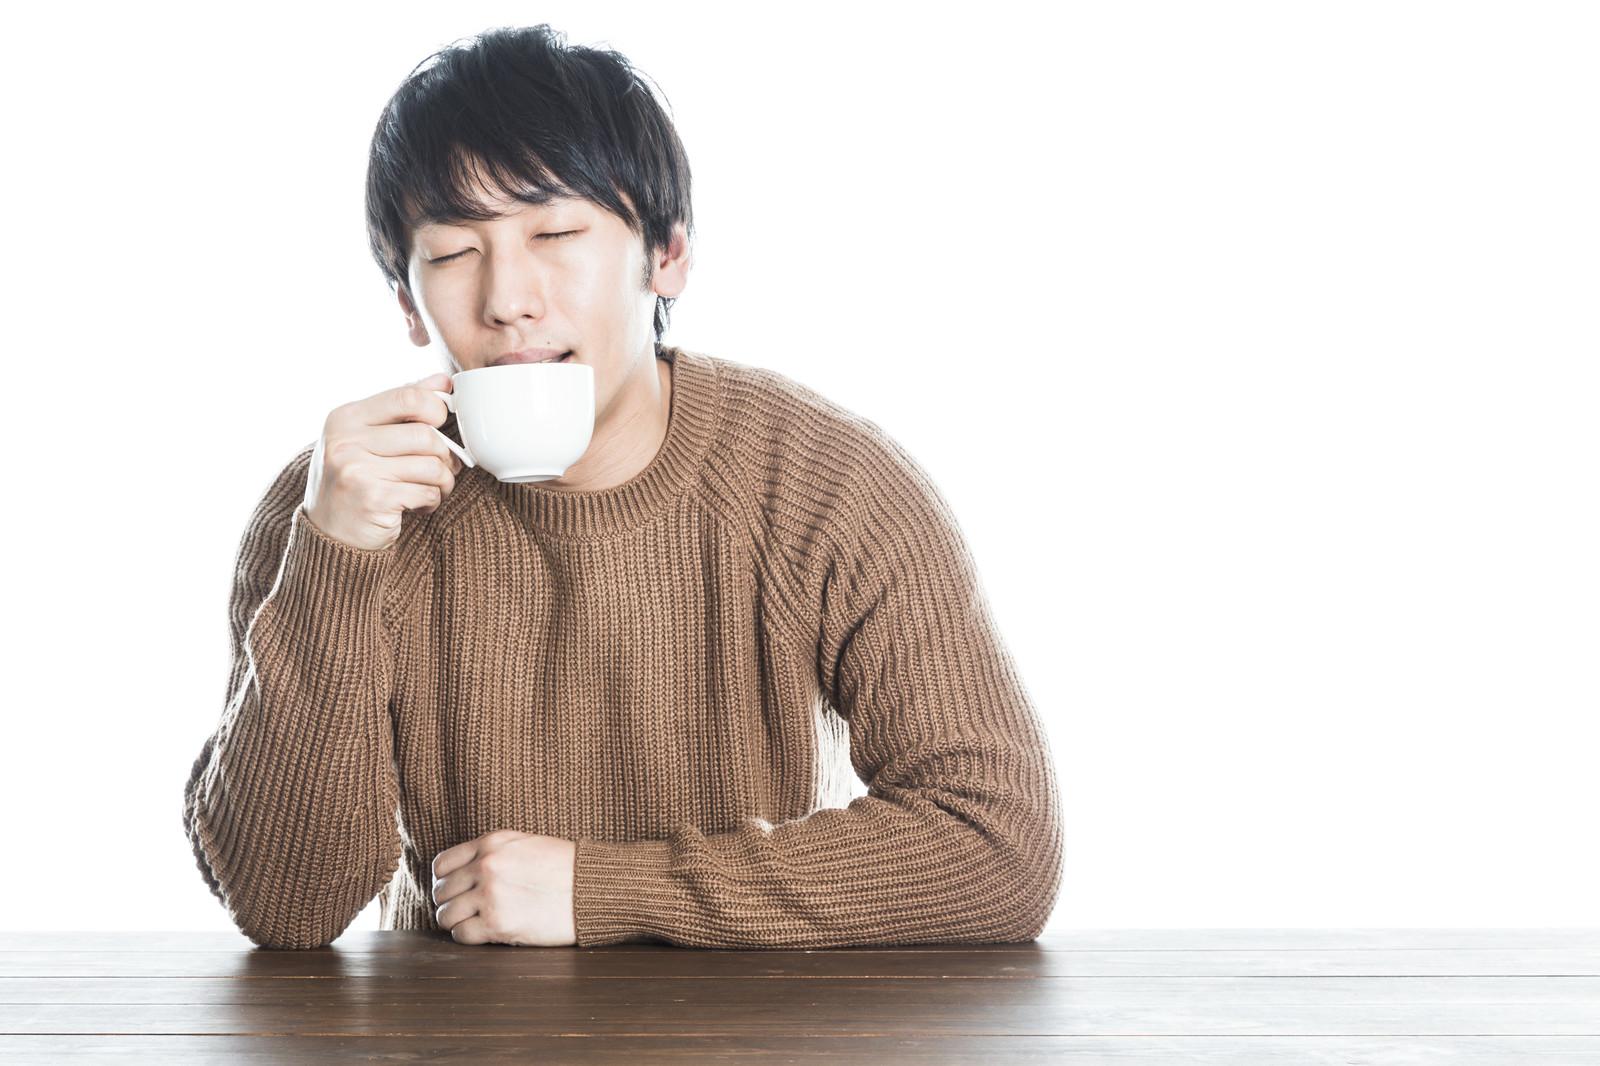 【カラオケ】最近、喉を冷やさないようにあったかい飲み物にしてるわ